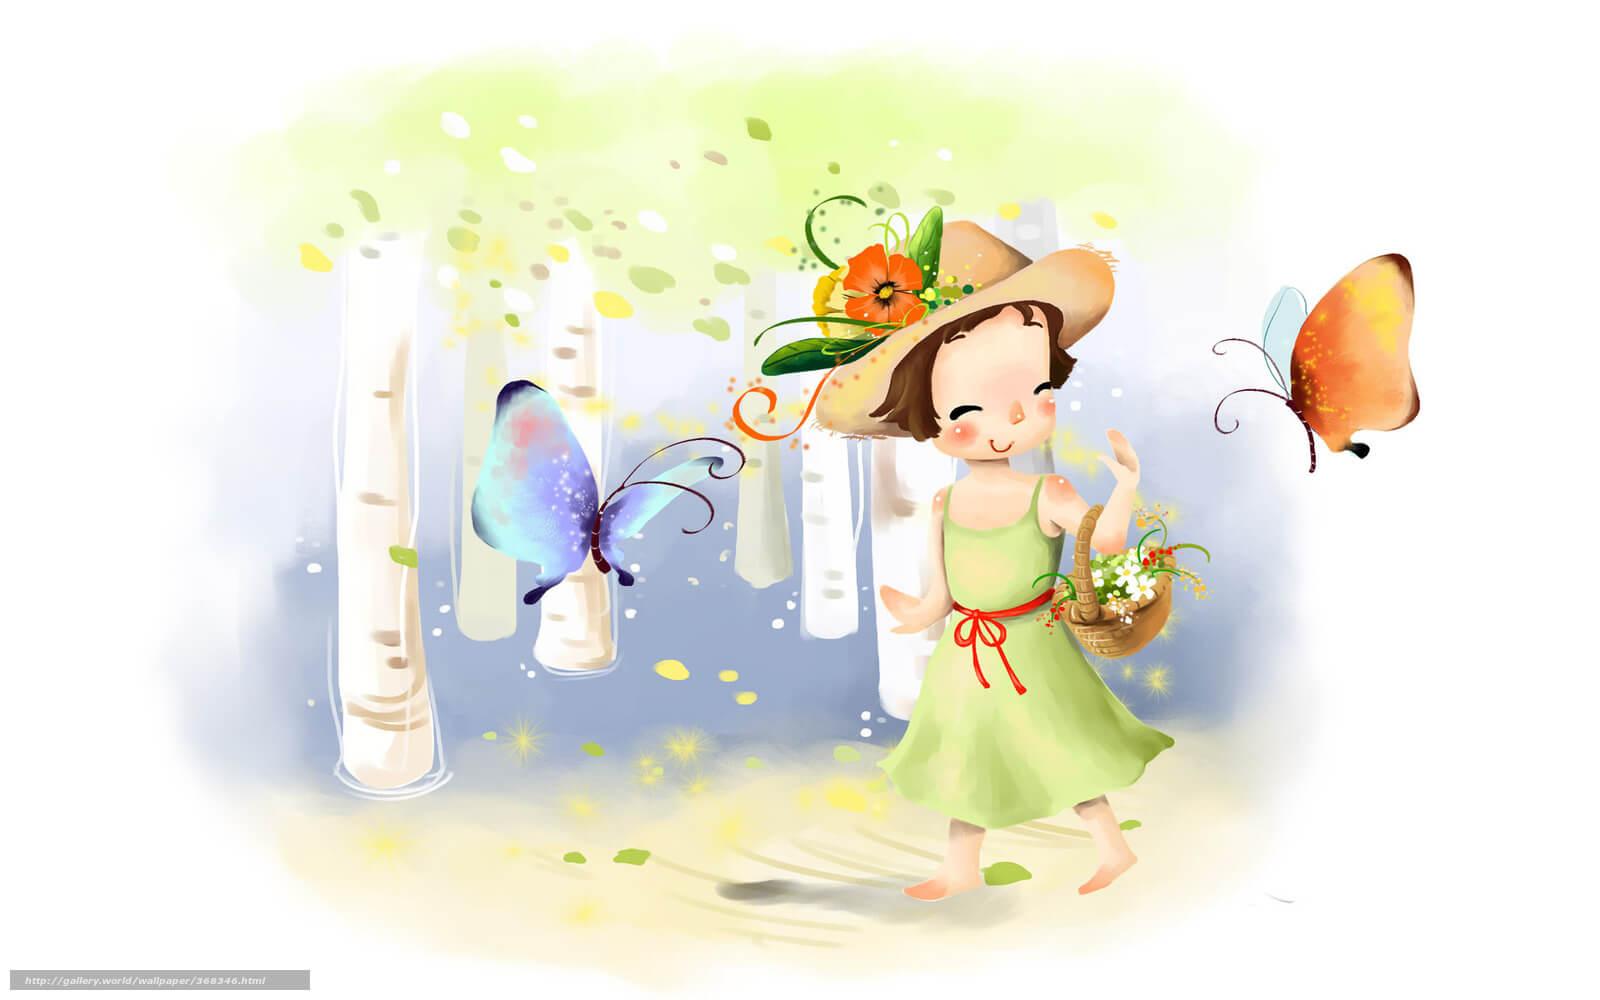 Картинки про детей в детском саду - рисунки, арты 4